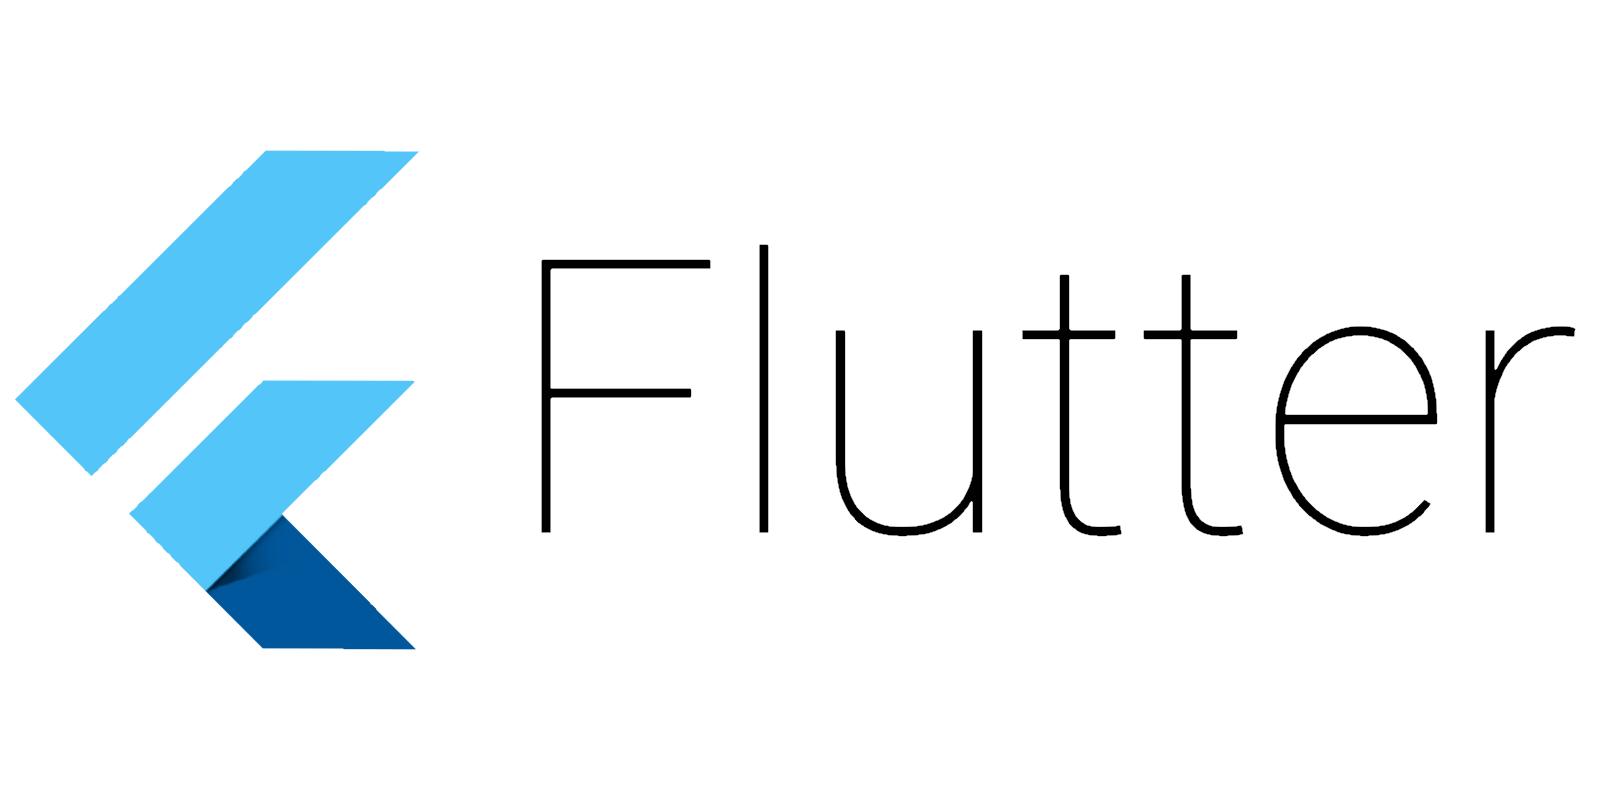 https://venturebeat.com/2020/07/08/google-canonical-ubuntu-flutter-apps-linux-support/